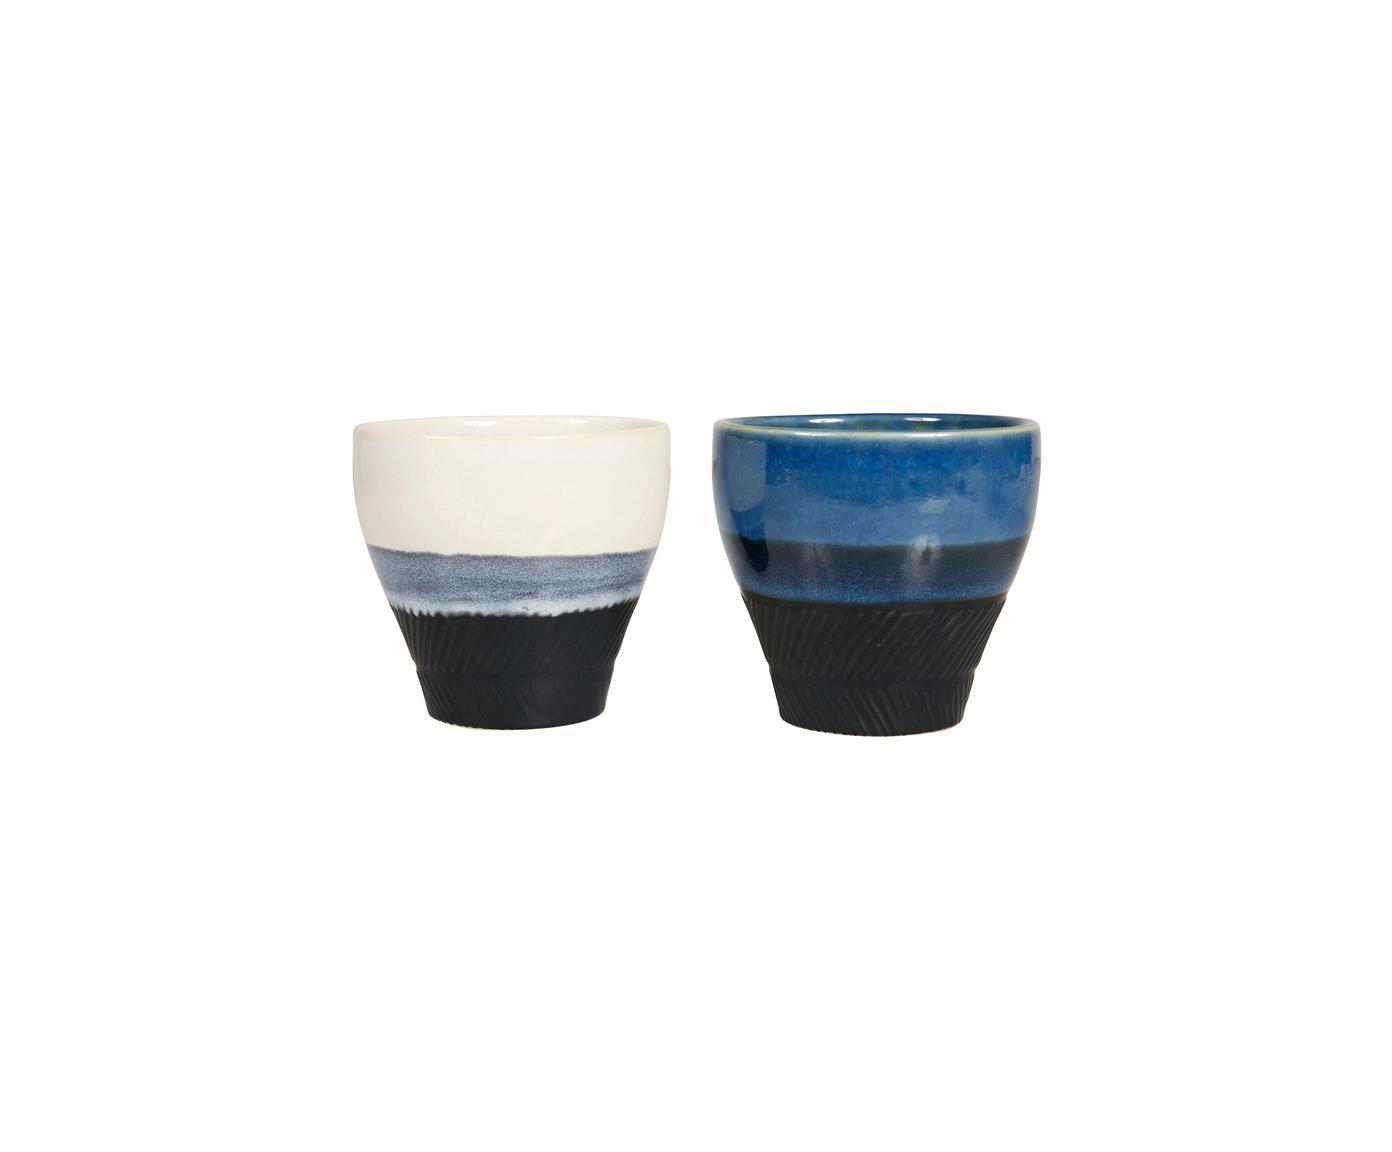 XS Becher Ekume mit Farbverlauf, 4er-Set, Steingut, Blau, Weiss, Schwarz, Ø 8 x H 8 cm